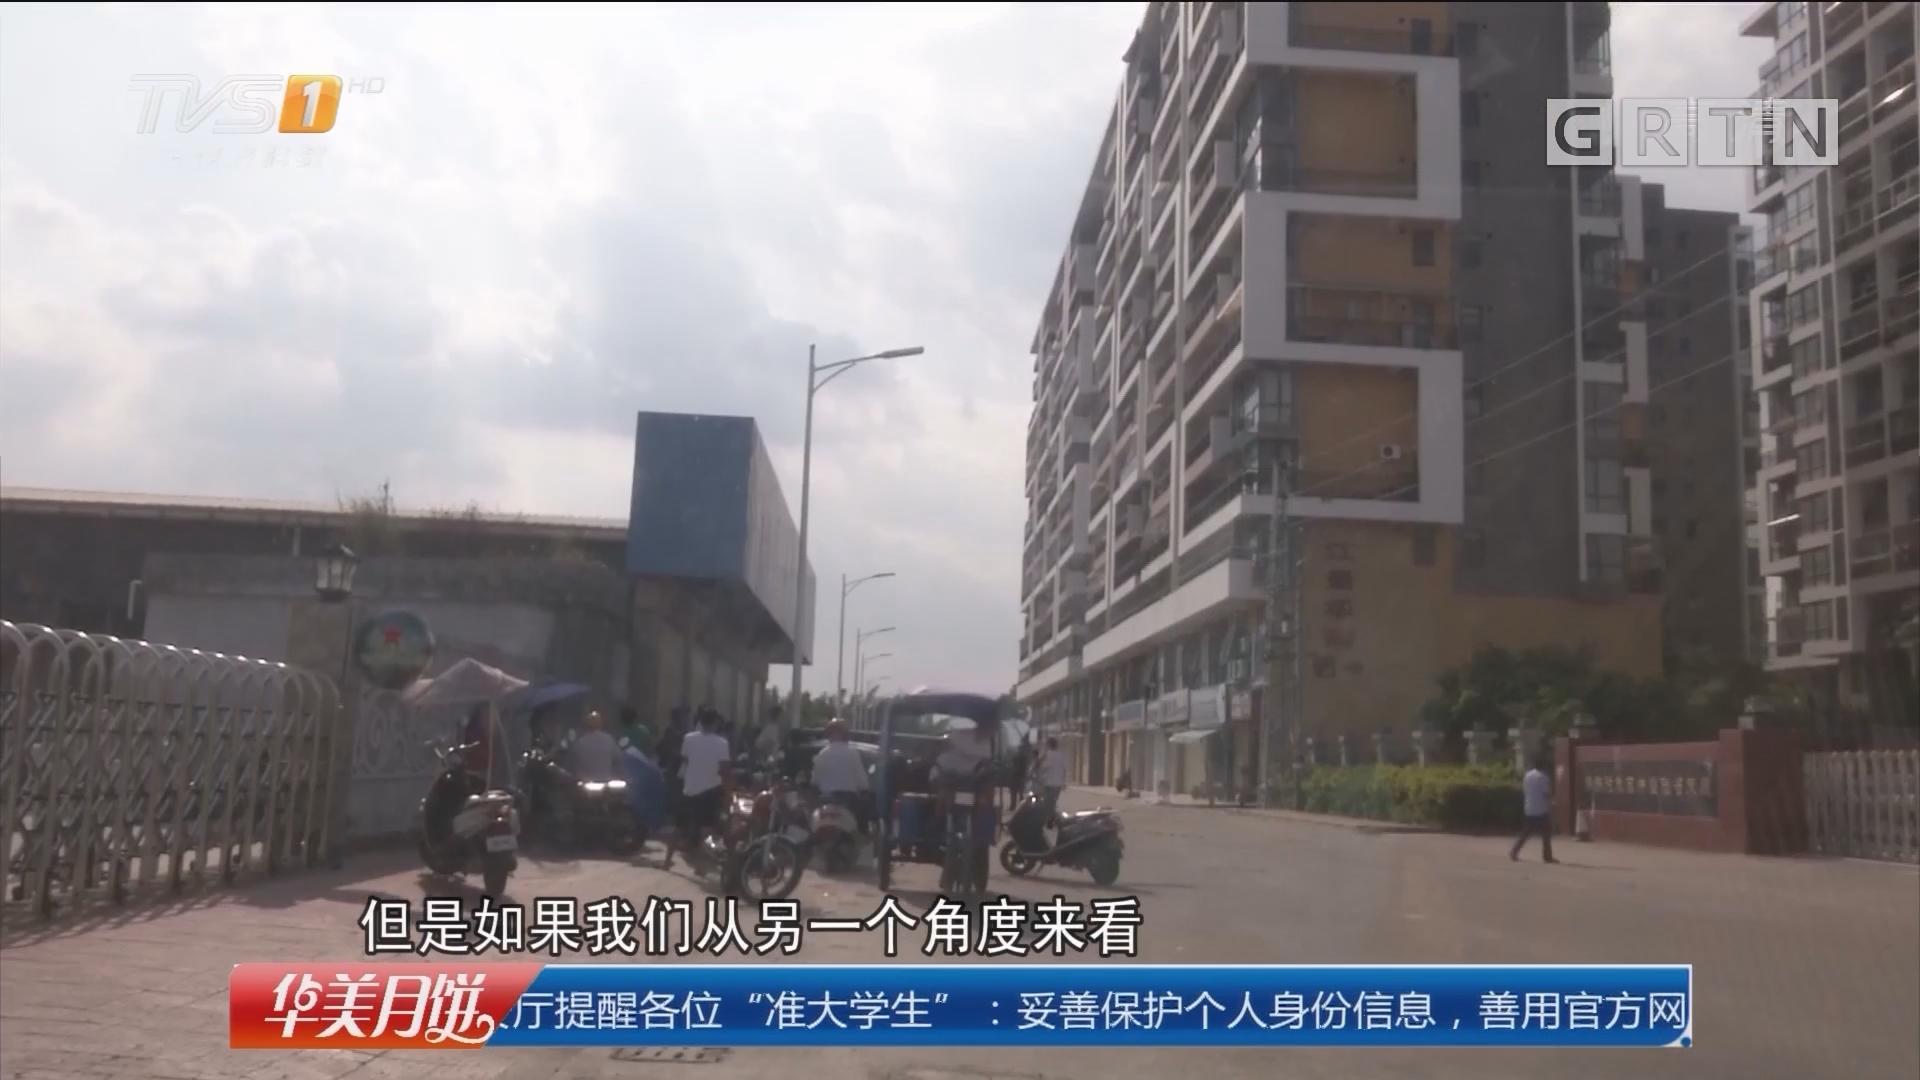 汕尾陆丰:高层居民楼倾斜? 现场实测辟谣